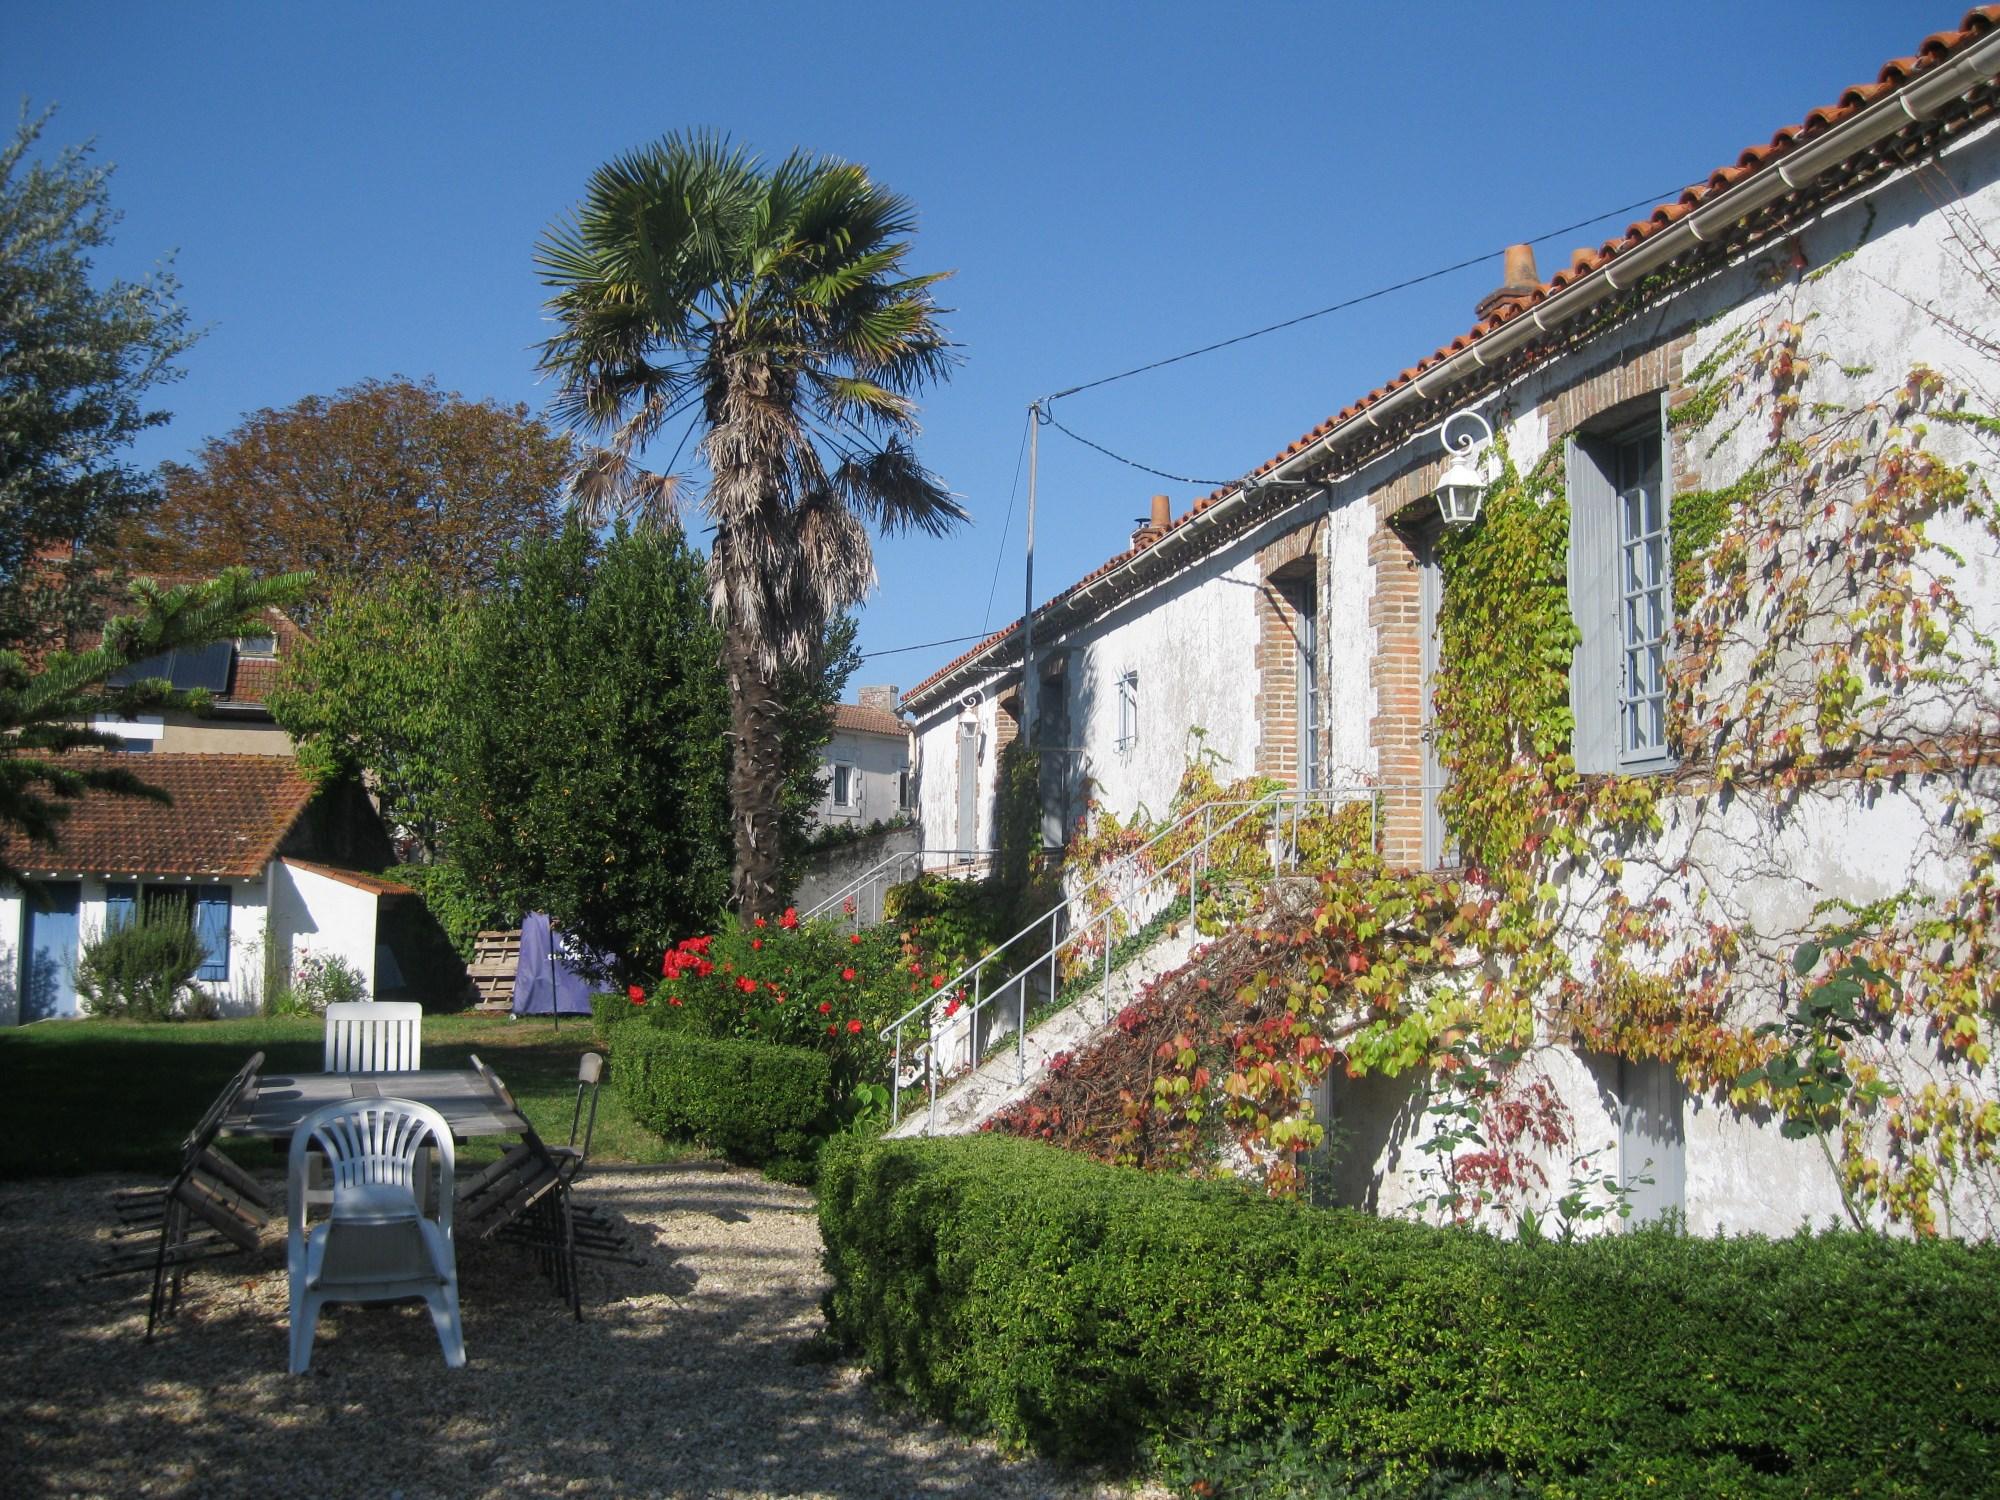 Single Family Home for Sale at PROCHE MER GRANDE MAISON FAMILIALE RENOVEE Other Pays De La Loire, Pays De La Loire 44580 France